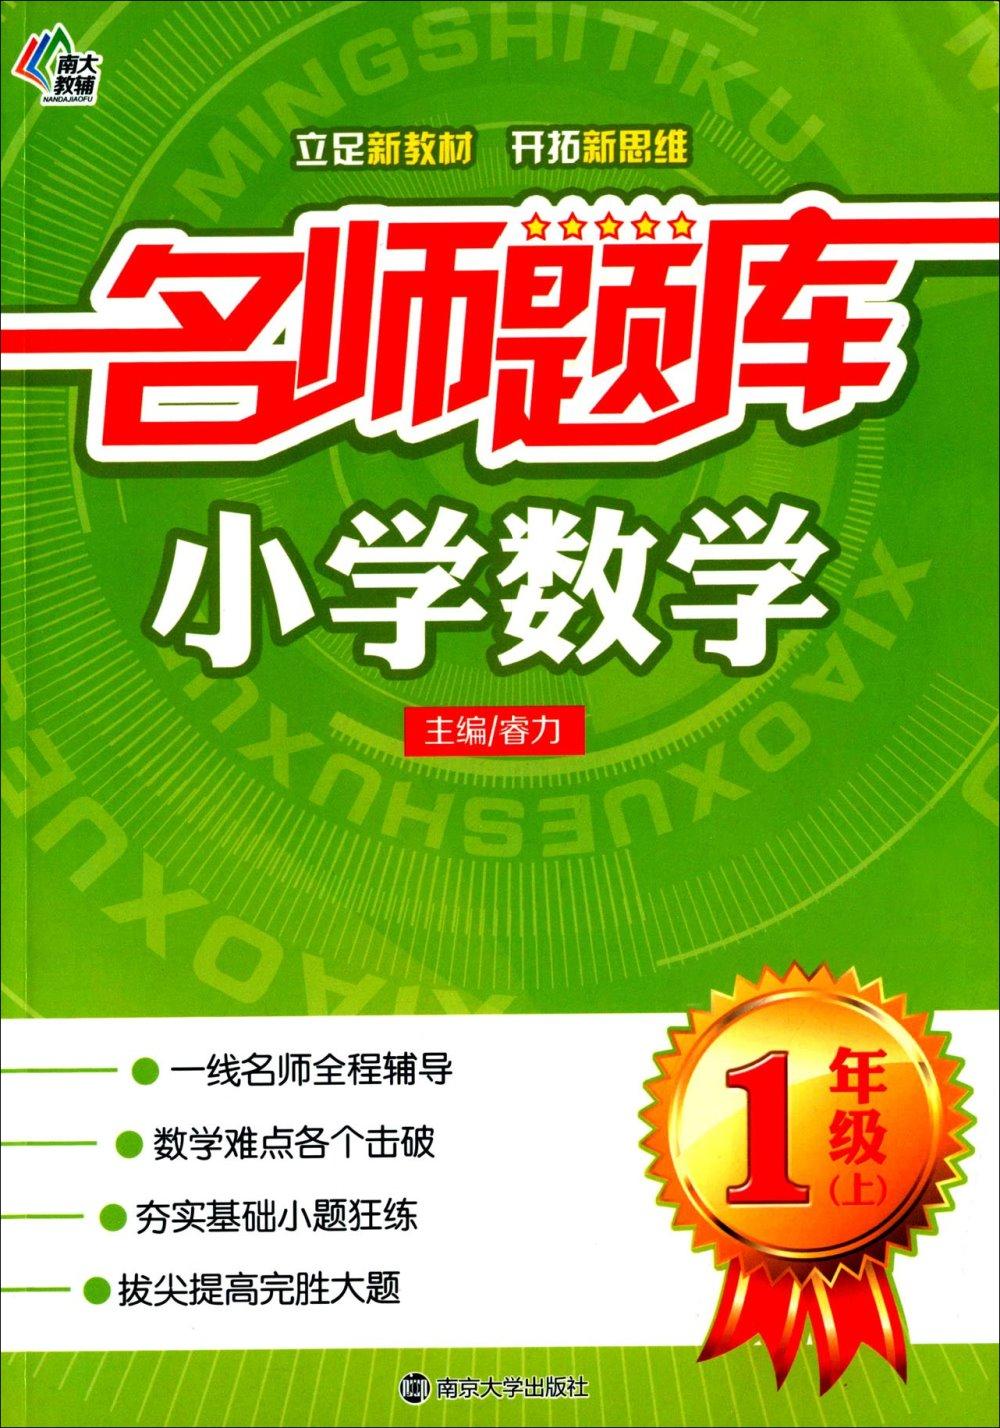 名師題庫:小學數學1年級^(上^)